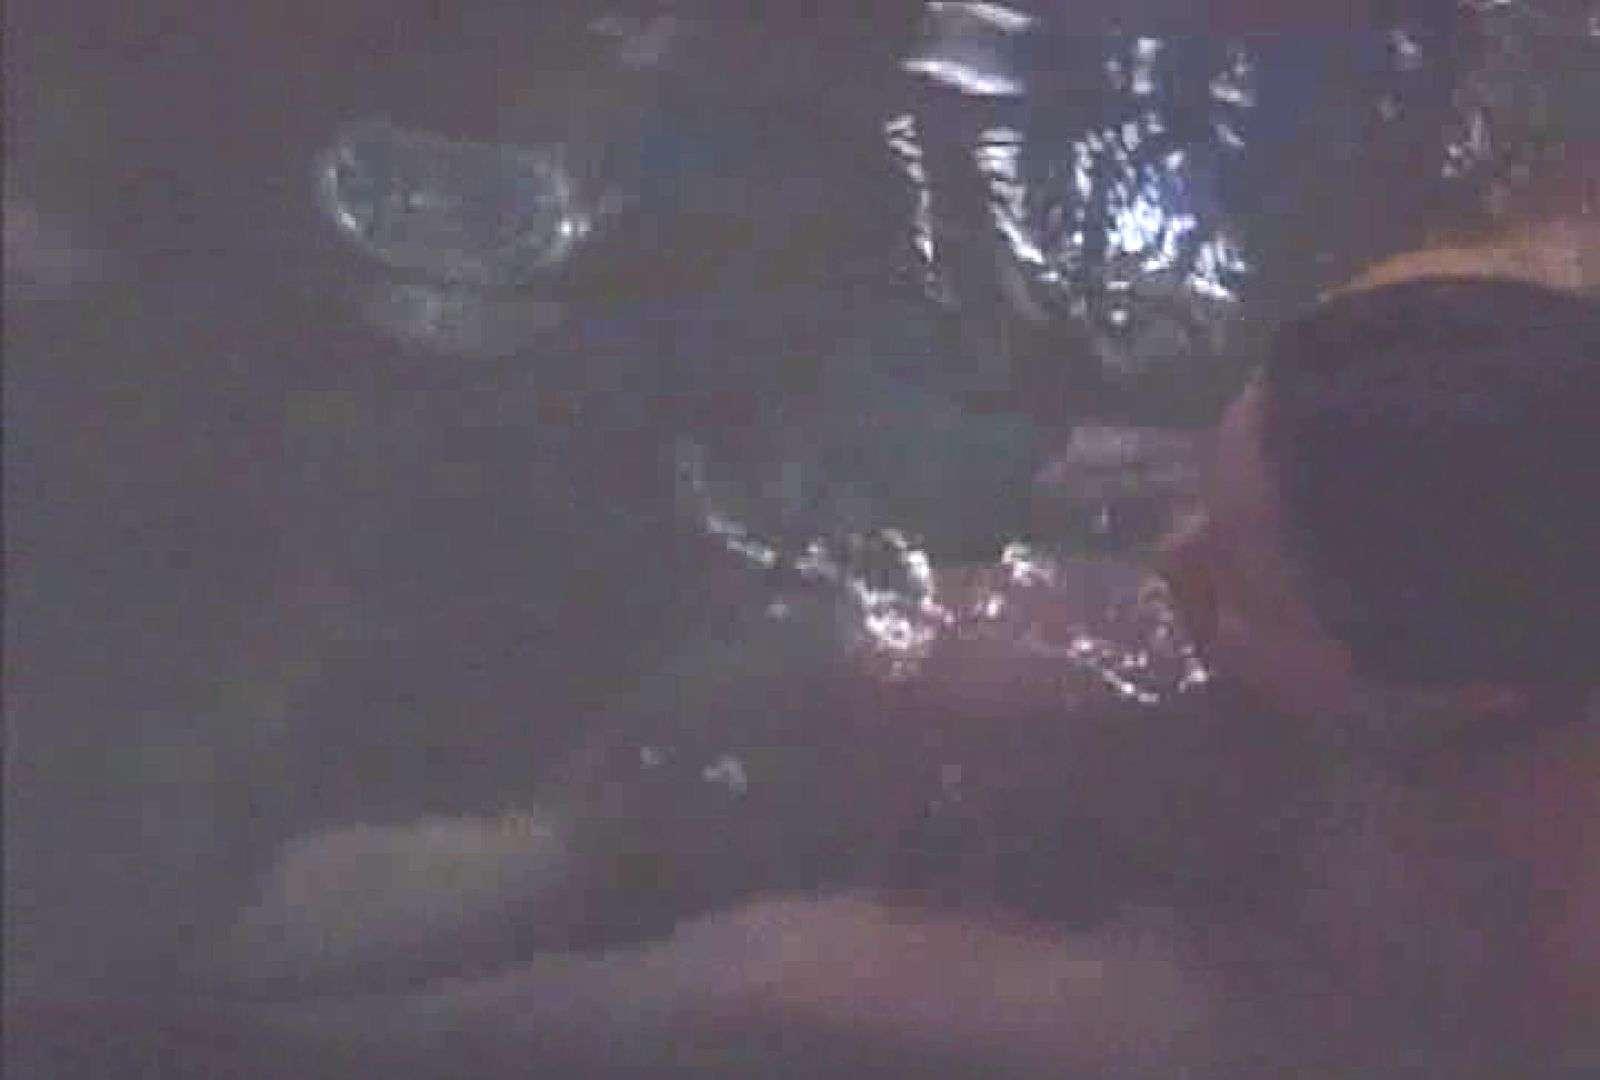 素人投稿シリーズ 盗撮 覗きの穴場 大浴場編  Vol.2 素人 | 女体盗撮  91連発 41